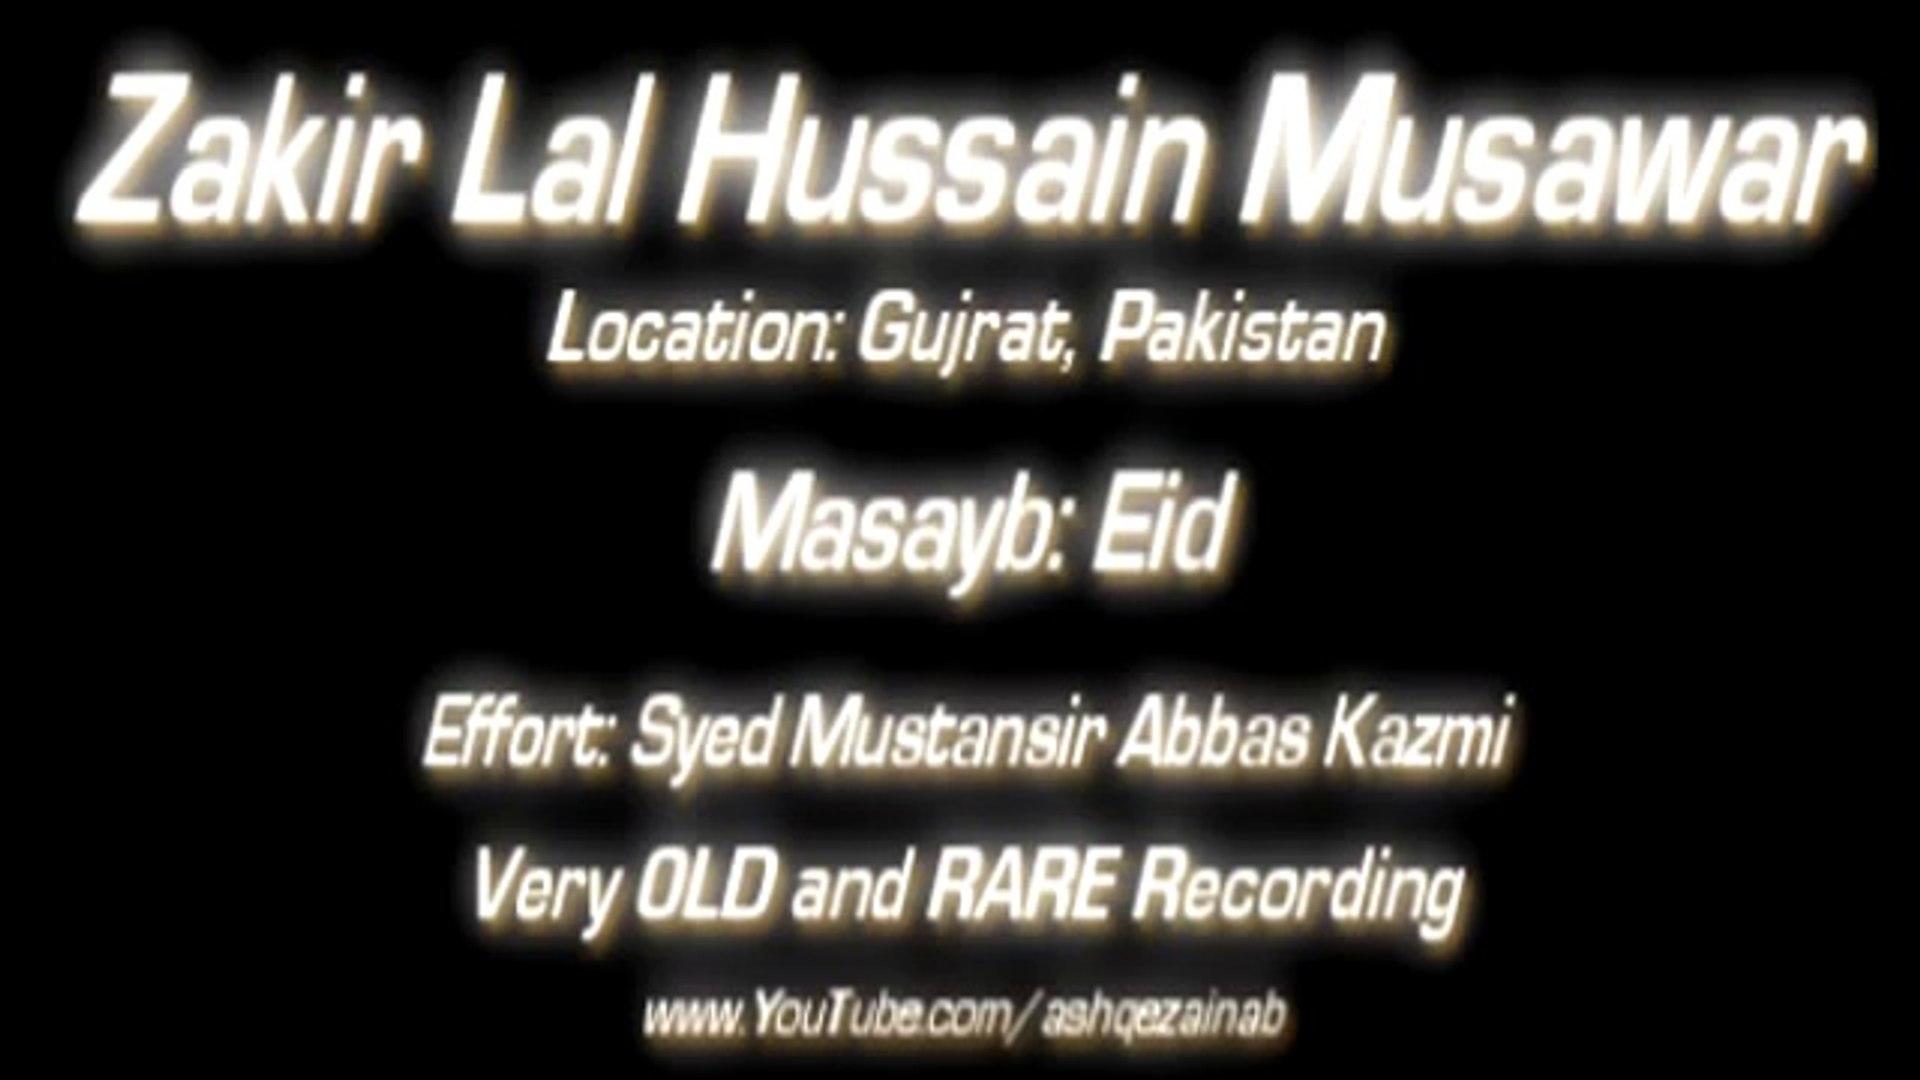 Shahadat Imam Ali (asws) Eid Al-Fitr | Zakir Lal Hussain Musawar | Gujrat,  Pakistan